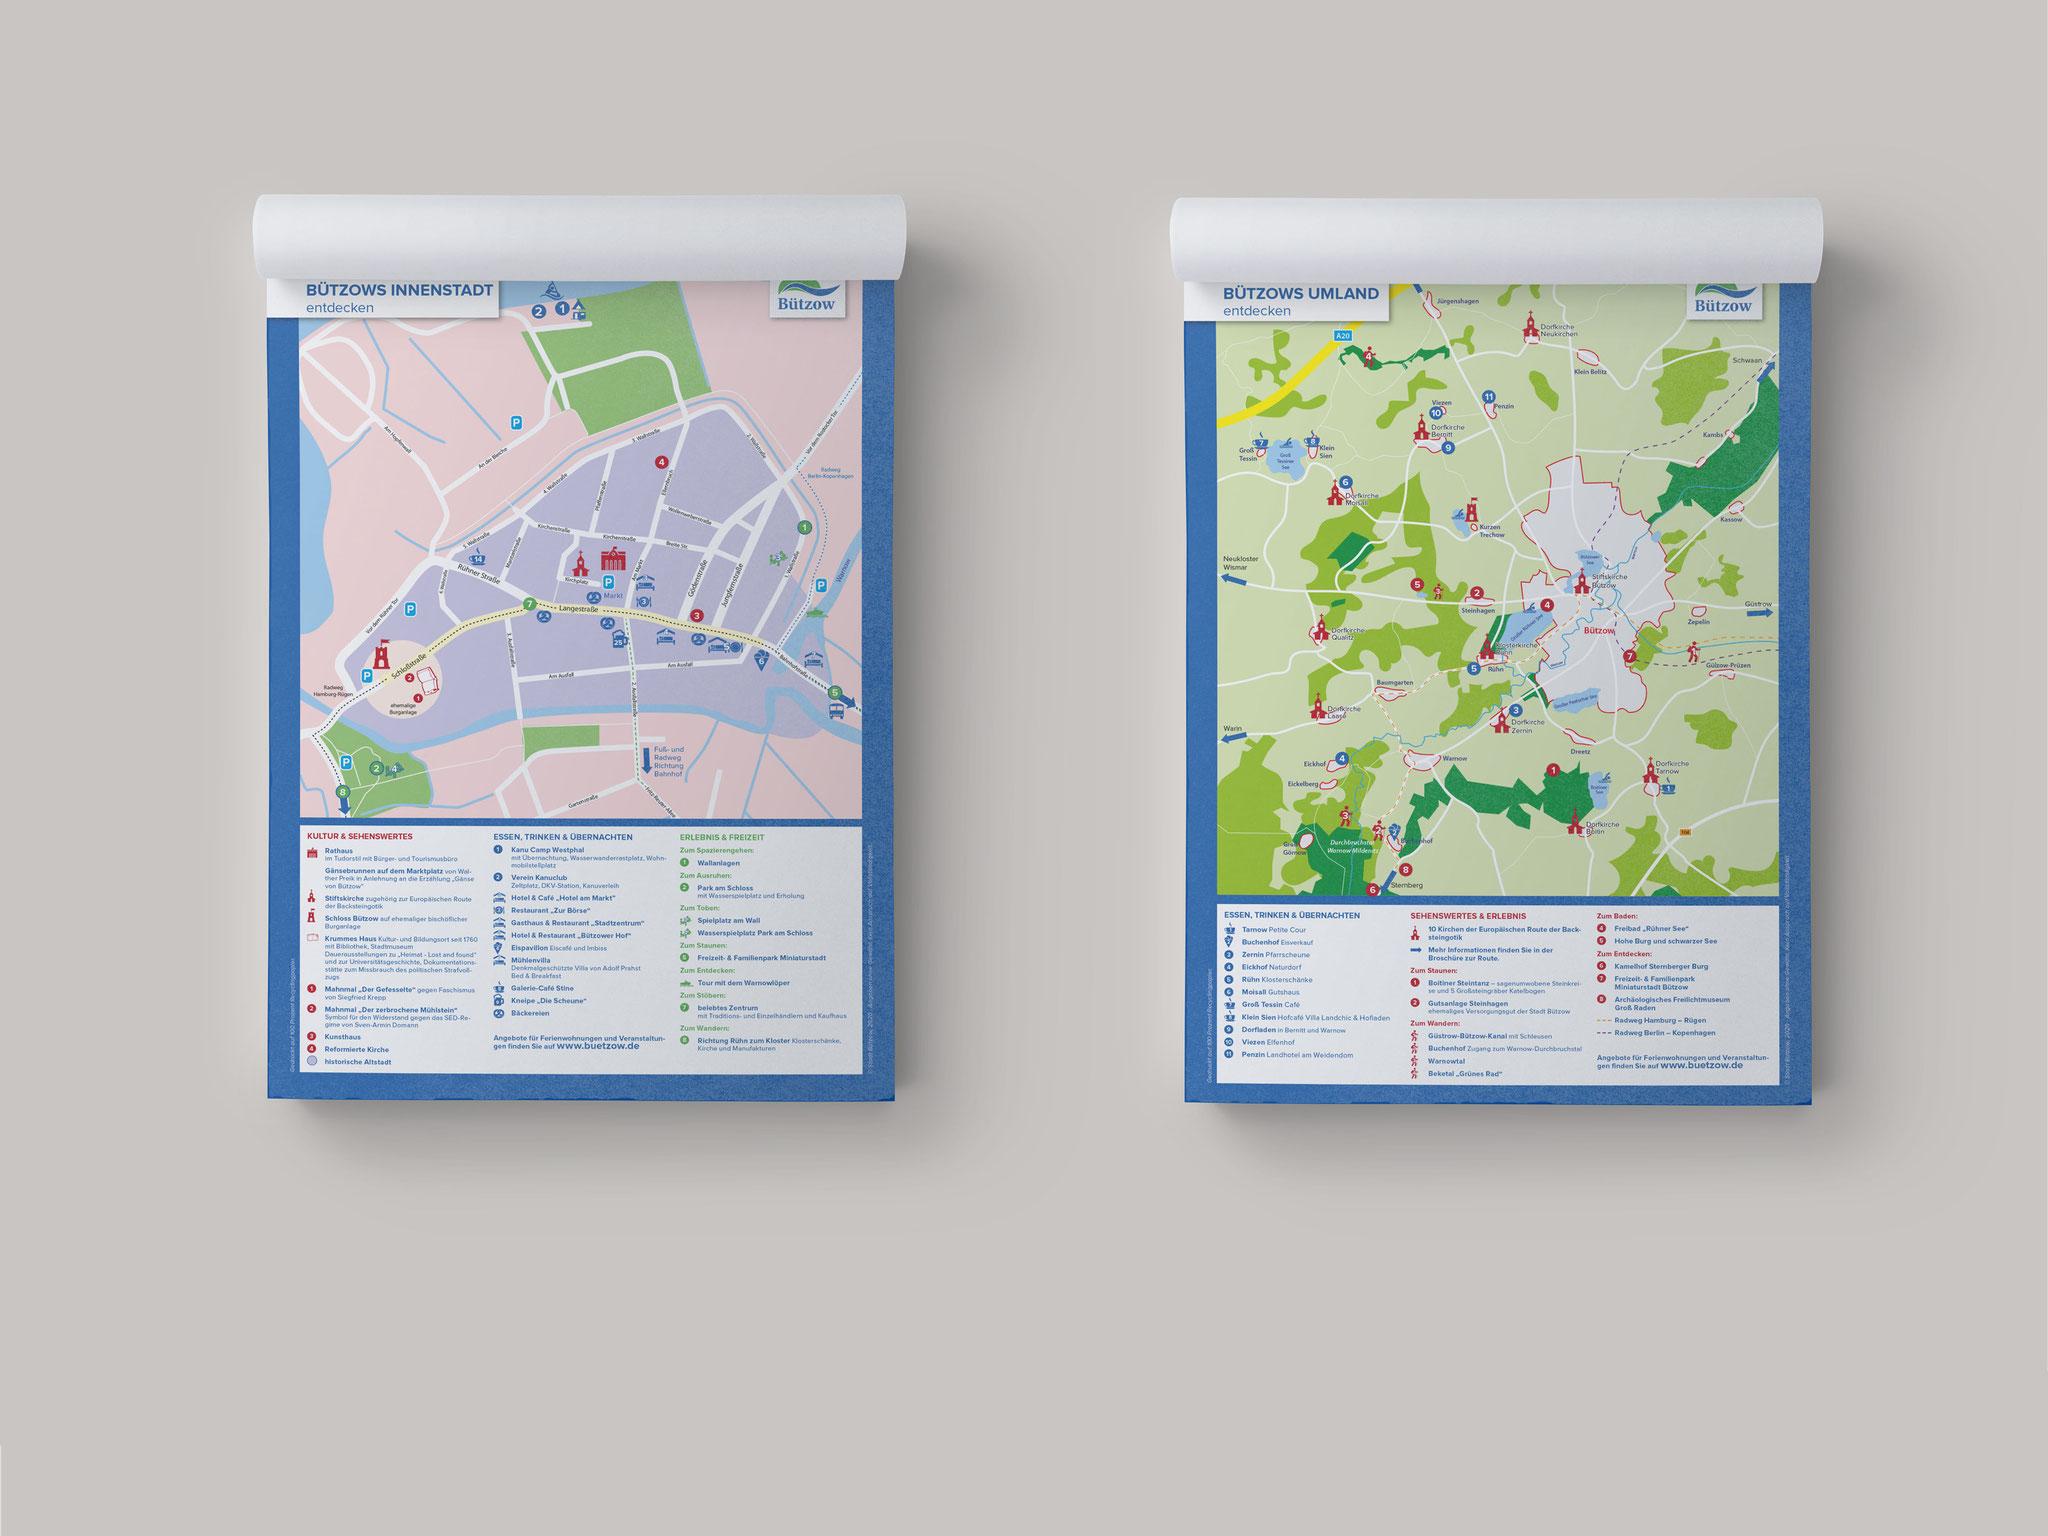 Stadt Bützow - Stadtplan Bützows Innenstadt und Umland